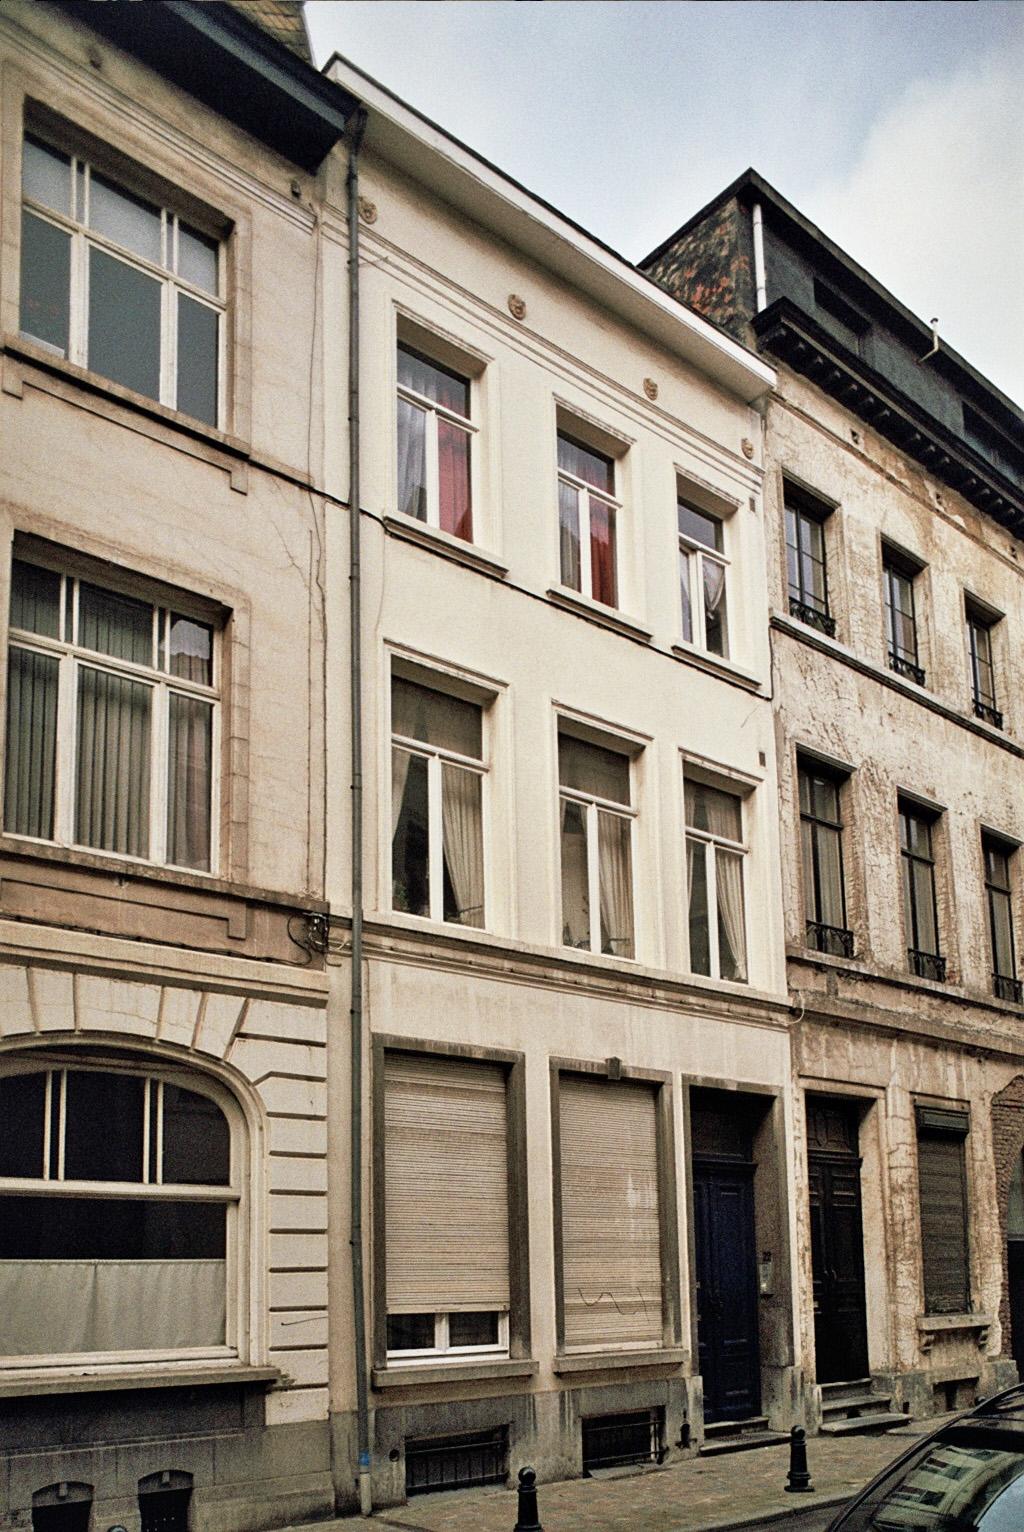 Rue de Naples 22., 2009